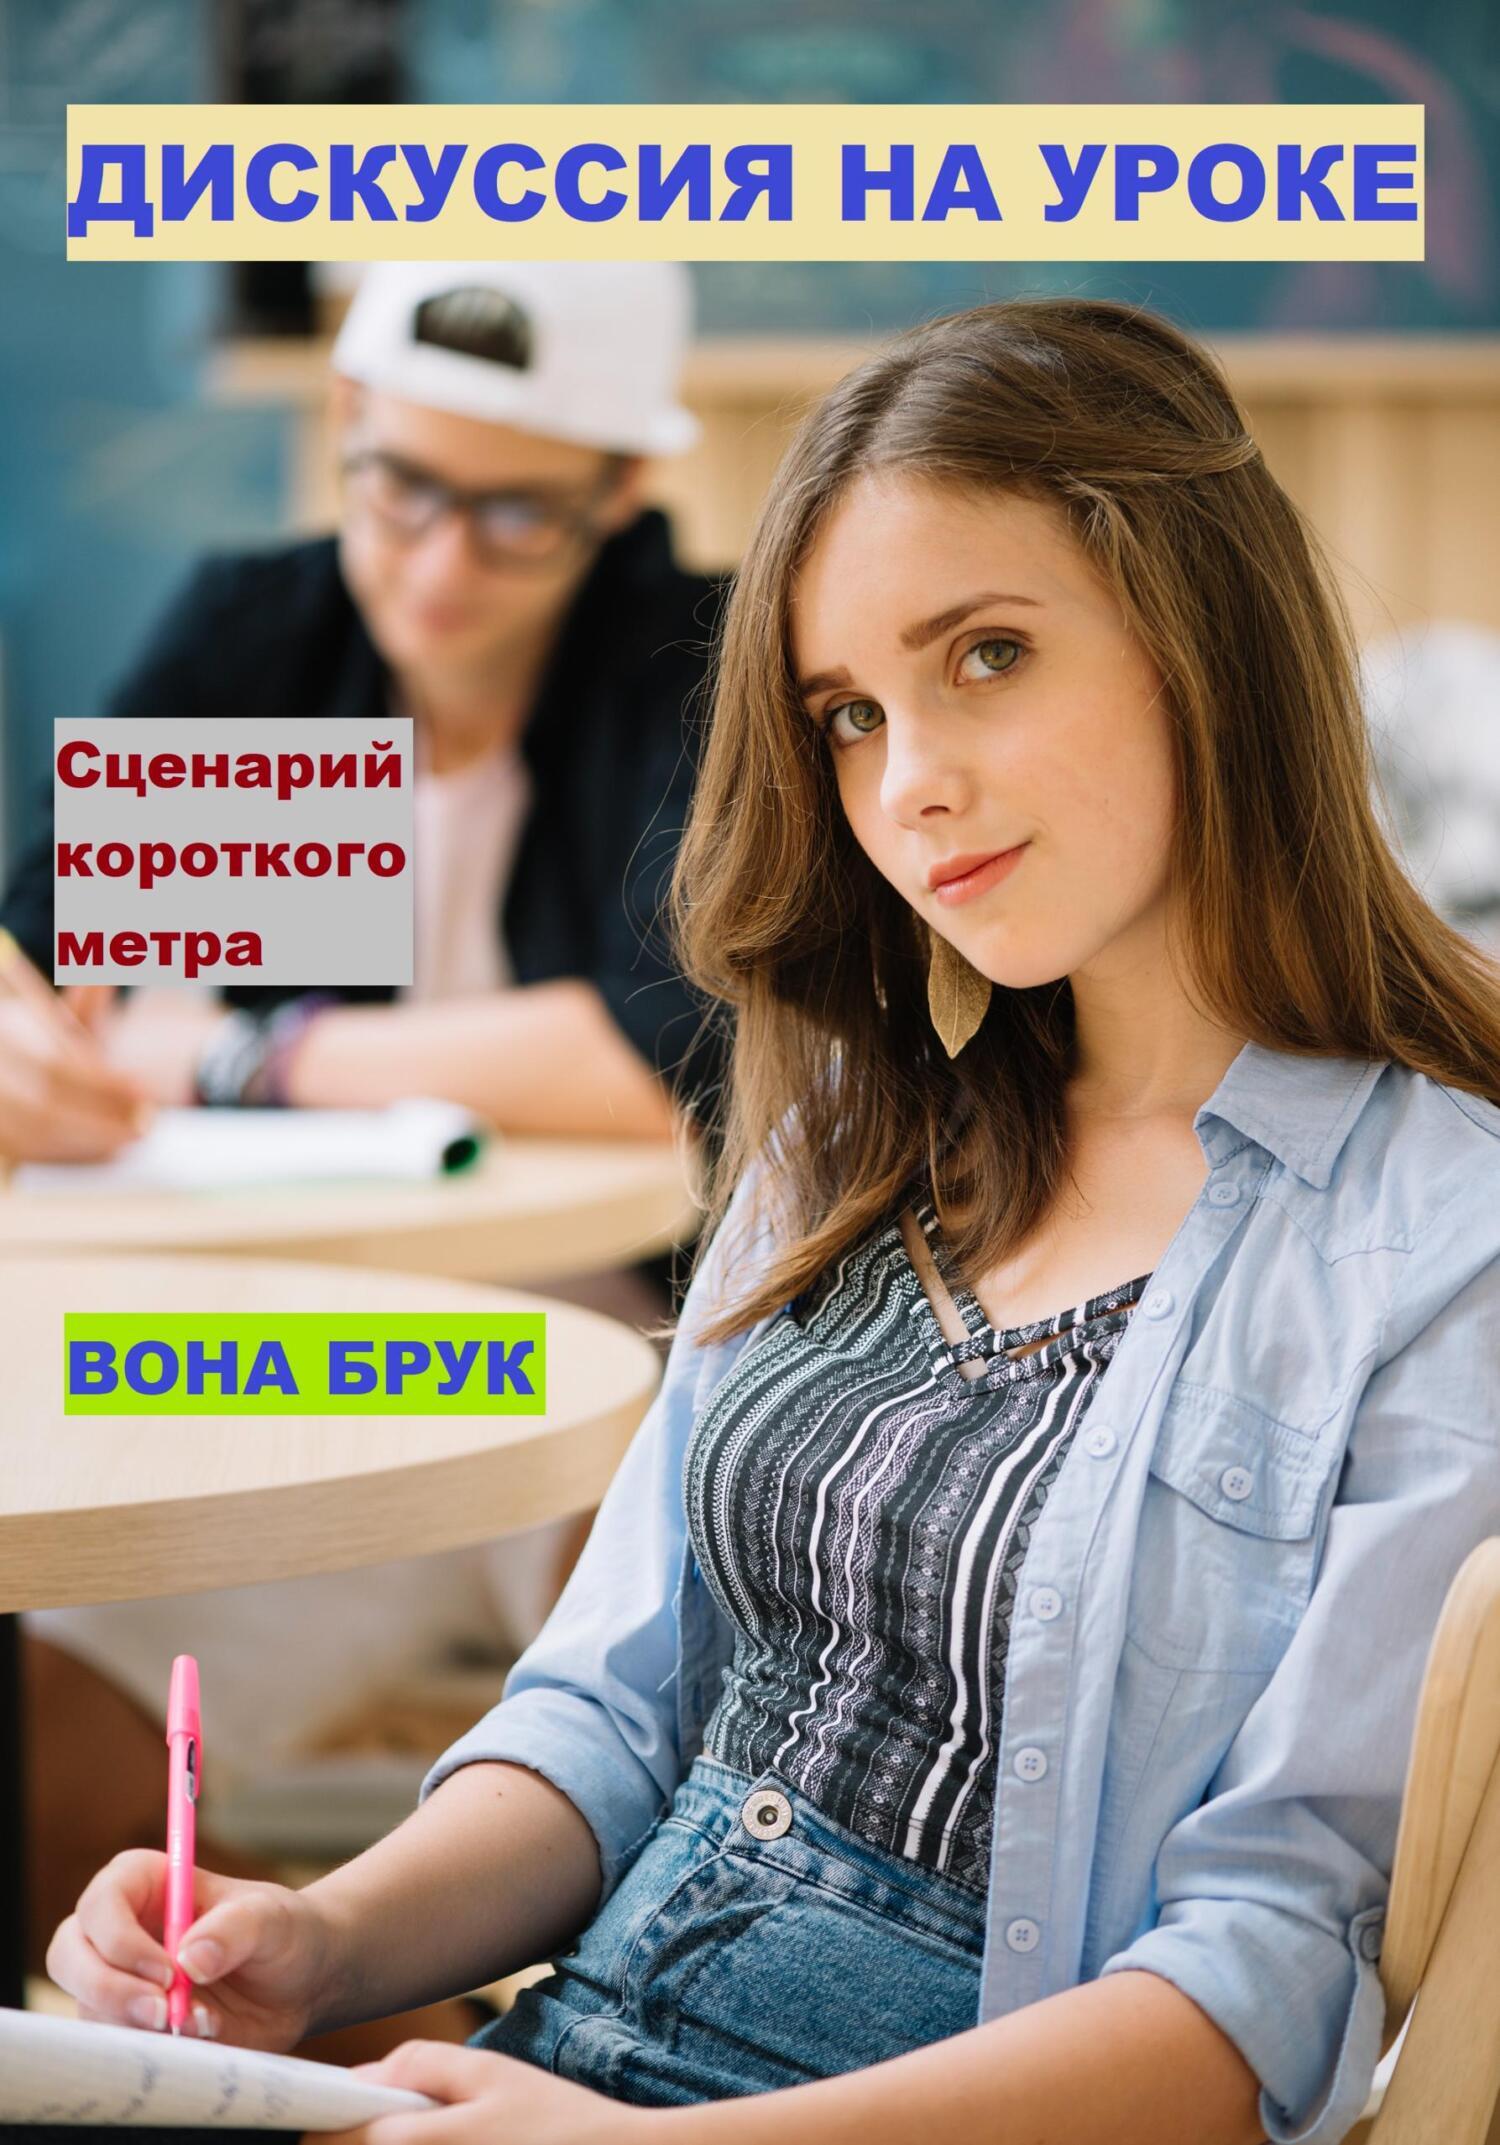 Салих Курбанов - Дискуссия на уроке